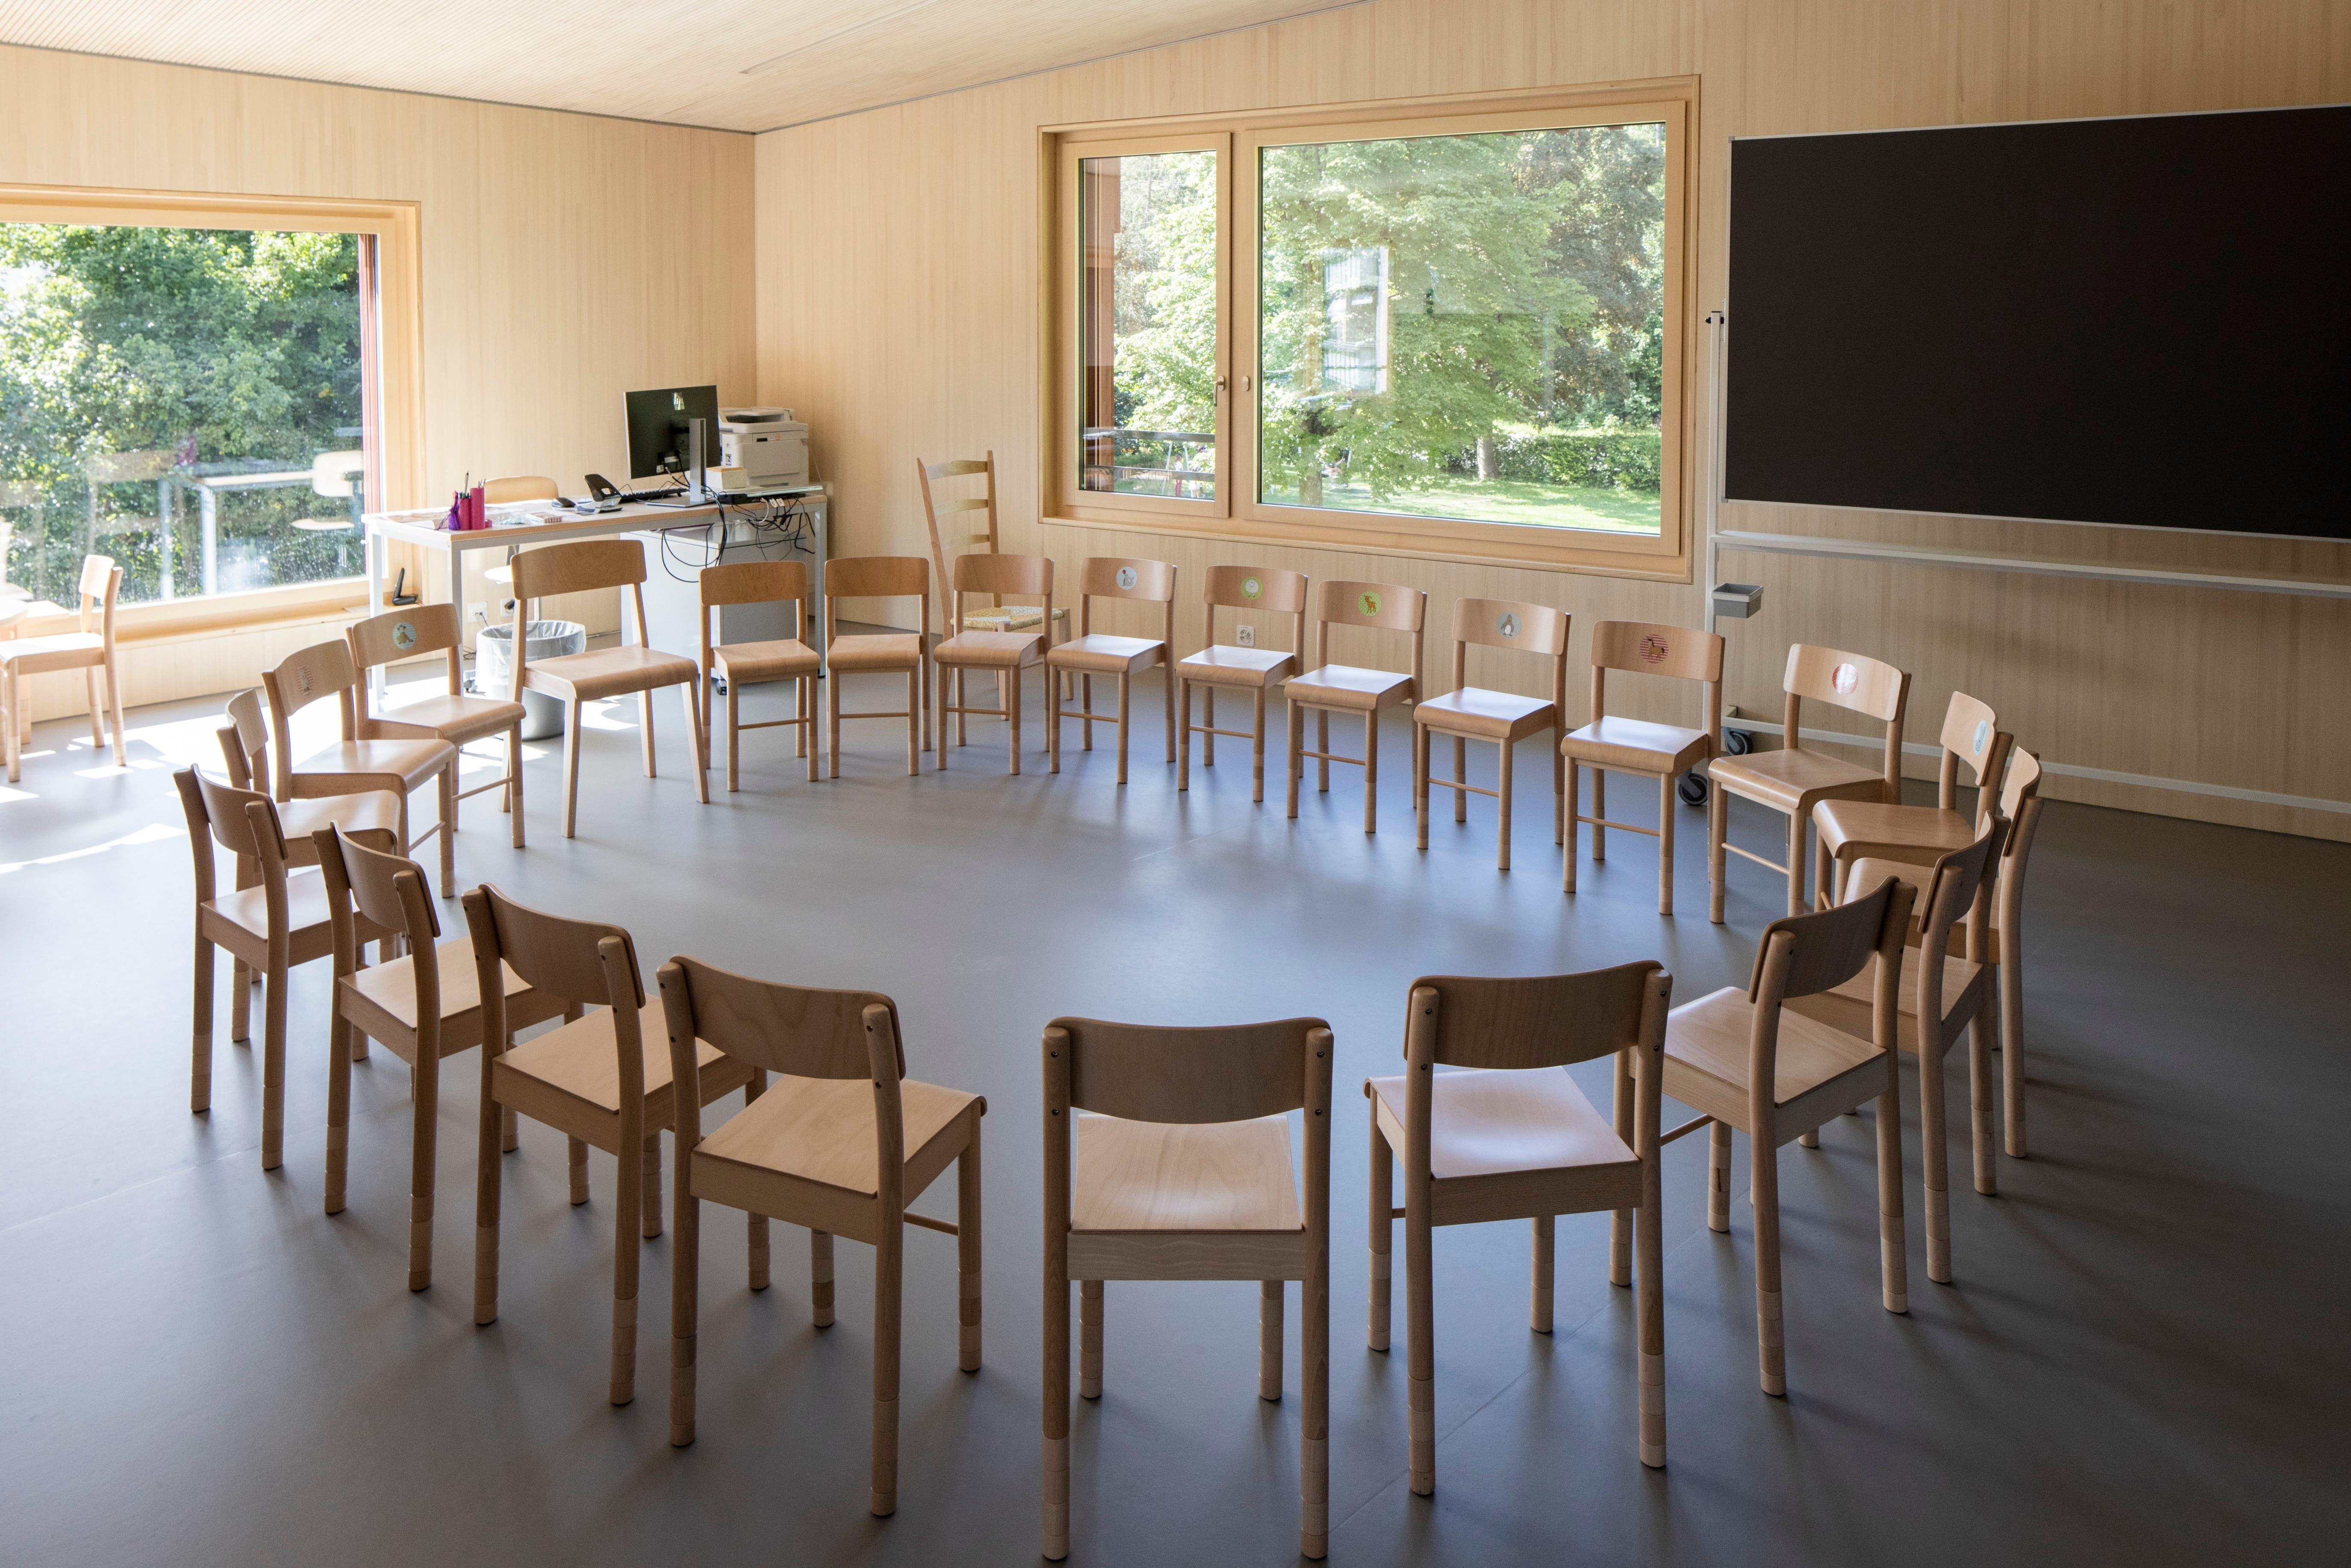 Mit dem Schulstart besuchen zwei Klassen à rund 20 Kindern den neuen Kindergarten.